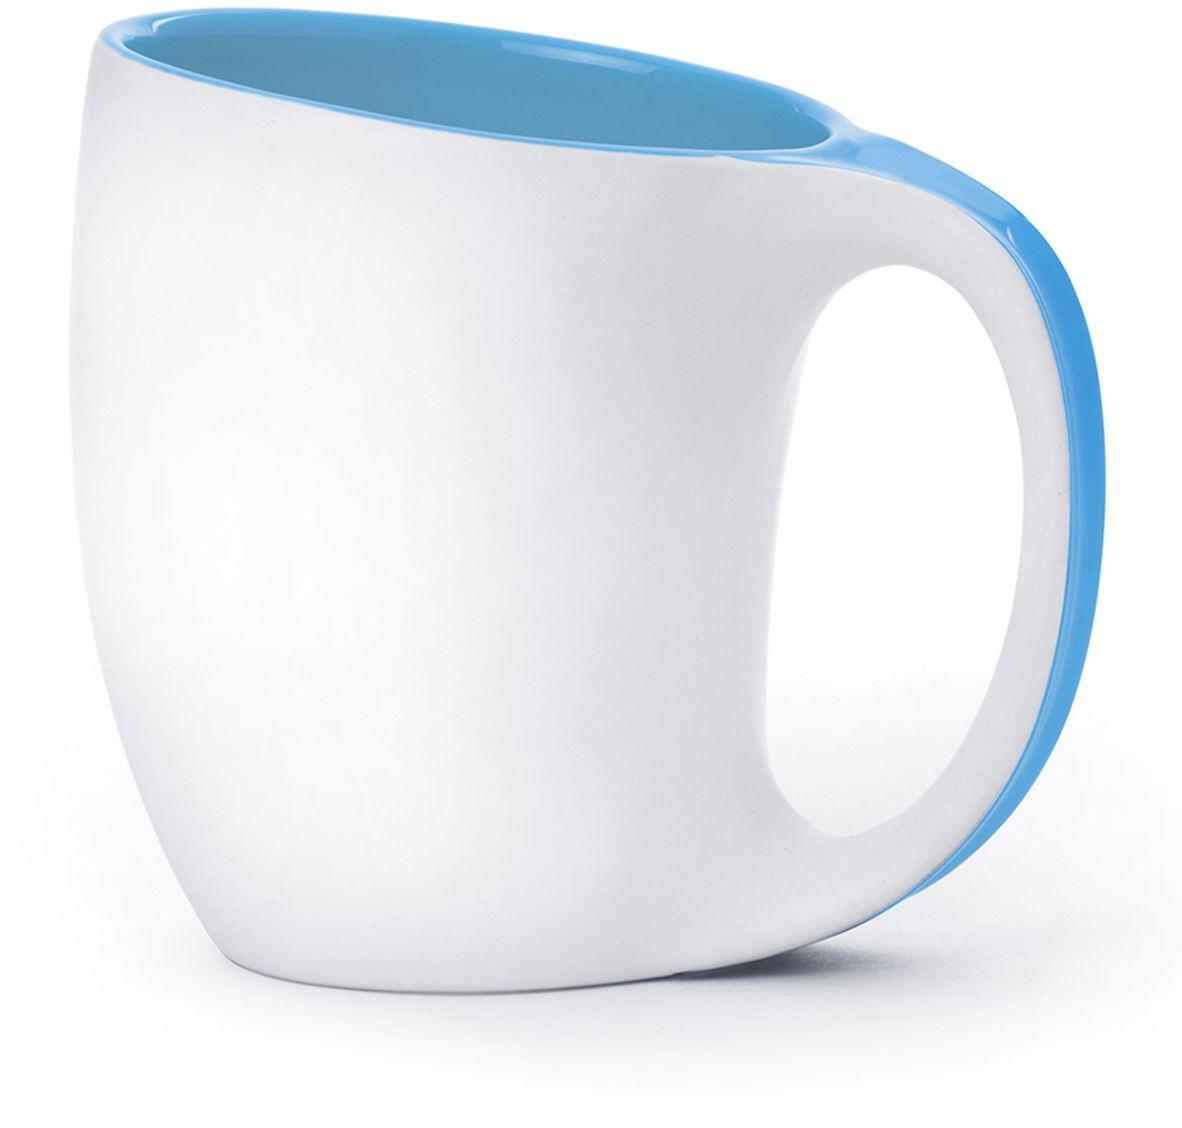 Кружка Asobu The porcelain saphire, цвет: голубой, 400 млMUG 330 blueAsobu – бренд посуды для питья, выделяющийся творческим, оригинальным дизайном и инновационными решениями.Asobu разработан Ad-N-Art в Канаде и в переводе с японского означает «весело и с удовольствием». И действительно, только взгляните на каталог представленных коллекций и вы поймете, что Asobu - посуда, которая вдохновляет!Кроме яркого и позитивного дизайна, Asobu отличается и качеством материалов из которых изготовлена продукция – это всегда чрезвычайно ударопрочный пластик и 100% BPA Free.За последние 5 лет, благодаря своему дизайну и функциональности, Asobu завоевали популярность не только в Канаде и США, но и во всем мире!Теперь Ваша повседневная кружка – это настоящее произведение искусства! Ведь Asobu не делает скучных и бесполезных вещей!Представляем Вашему вниманию пять эстетически совершенных кружек. Шелковистая белая матовая поверхность и пять вариантов ярких глянцевых цветов внутренних покрытий в сочетании с идеальной формой.Asobu The porcelaine saphire изготовлен из высококачественного фарфора. Можно мыть в посудомоечной машине.